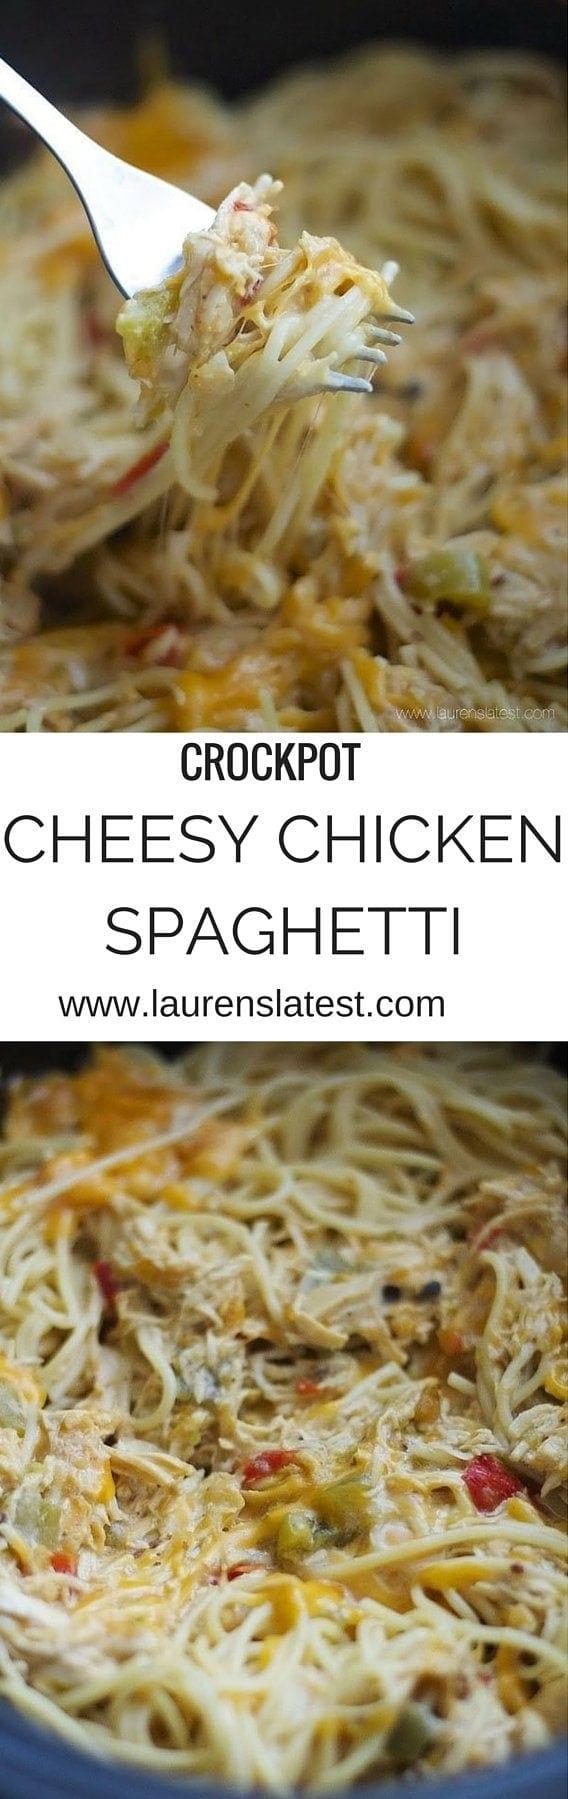 Easy Chicken Spaghetti Recipe In A Crockpot